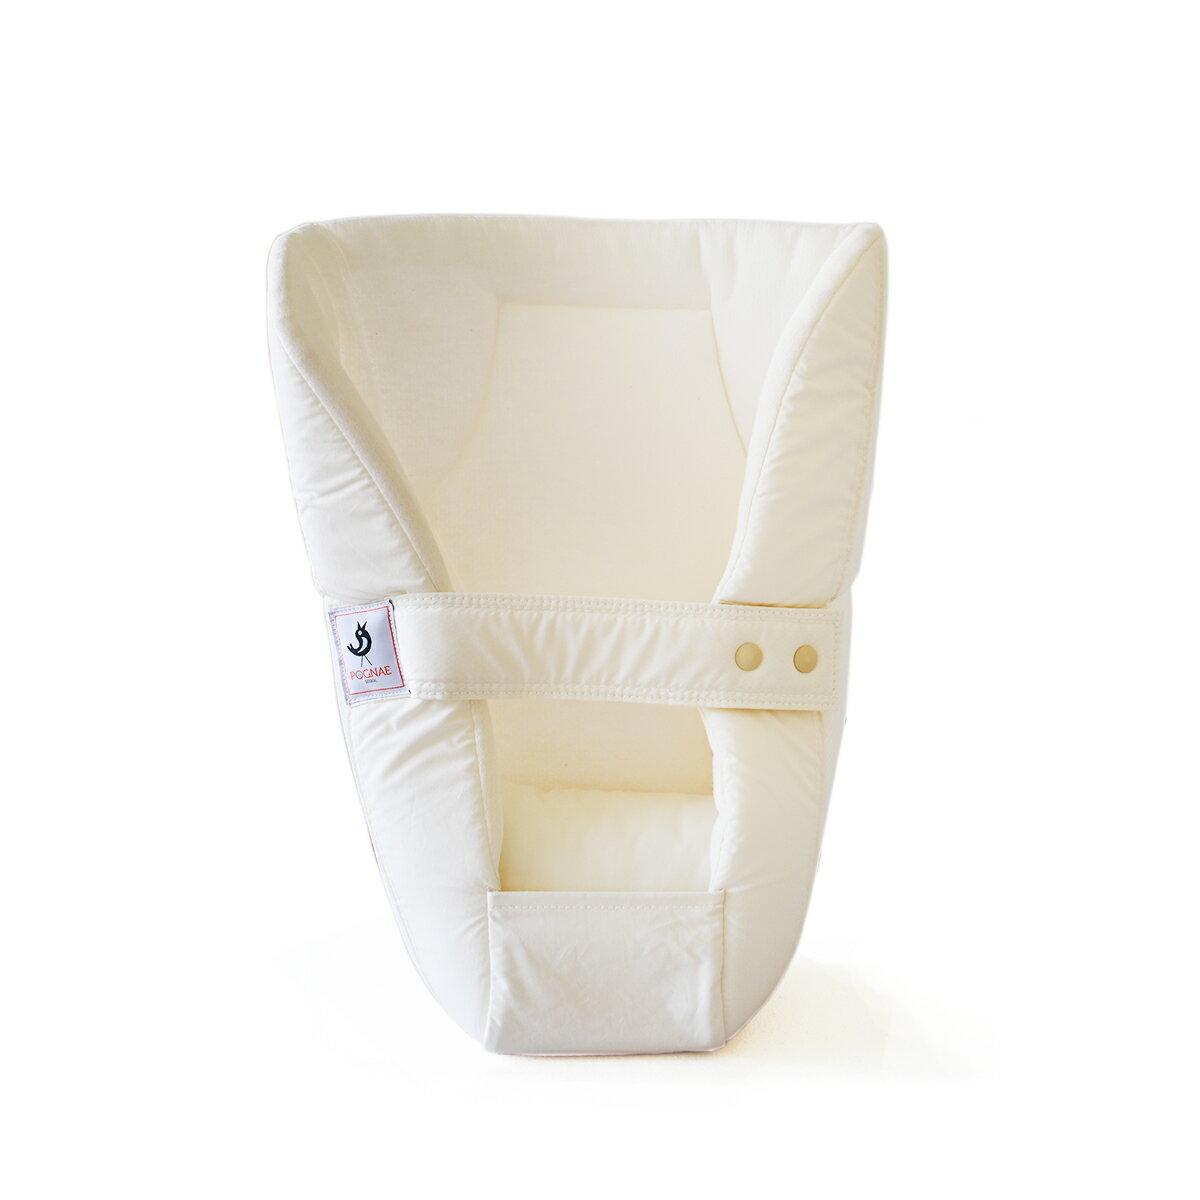 【安琪兒】 韓國【Pognae】新生嬰兒緩衝襯墊組(ORGA+專用) - 限時優惠好康折扣